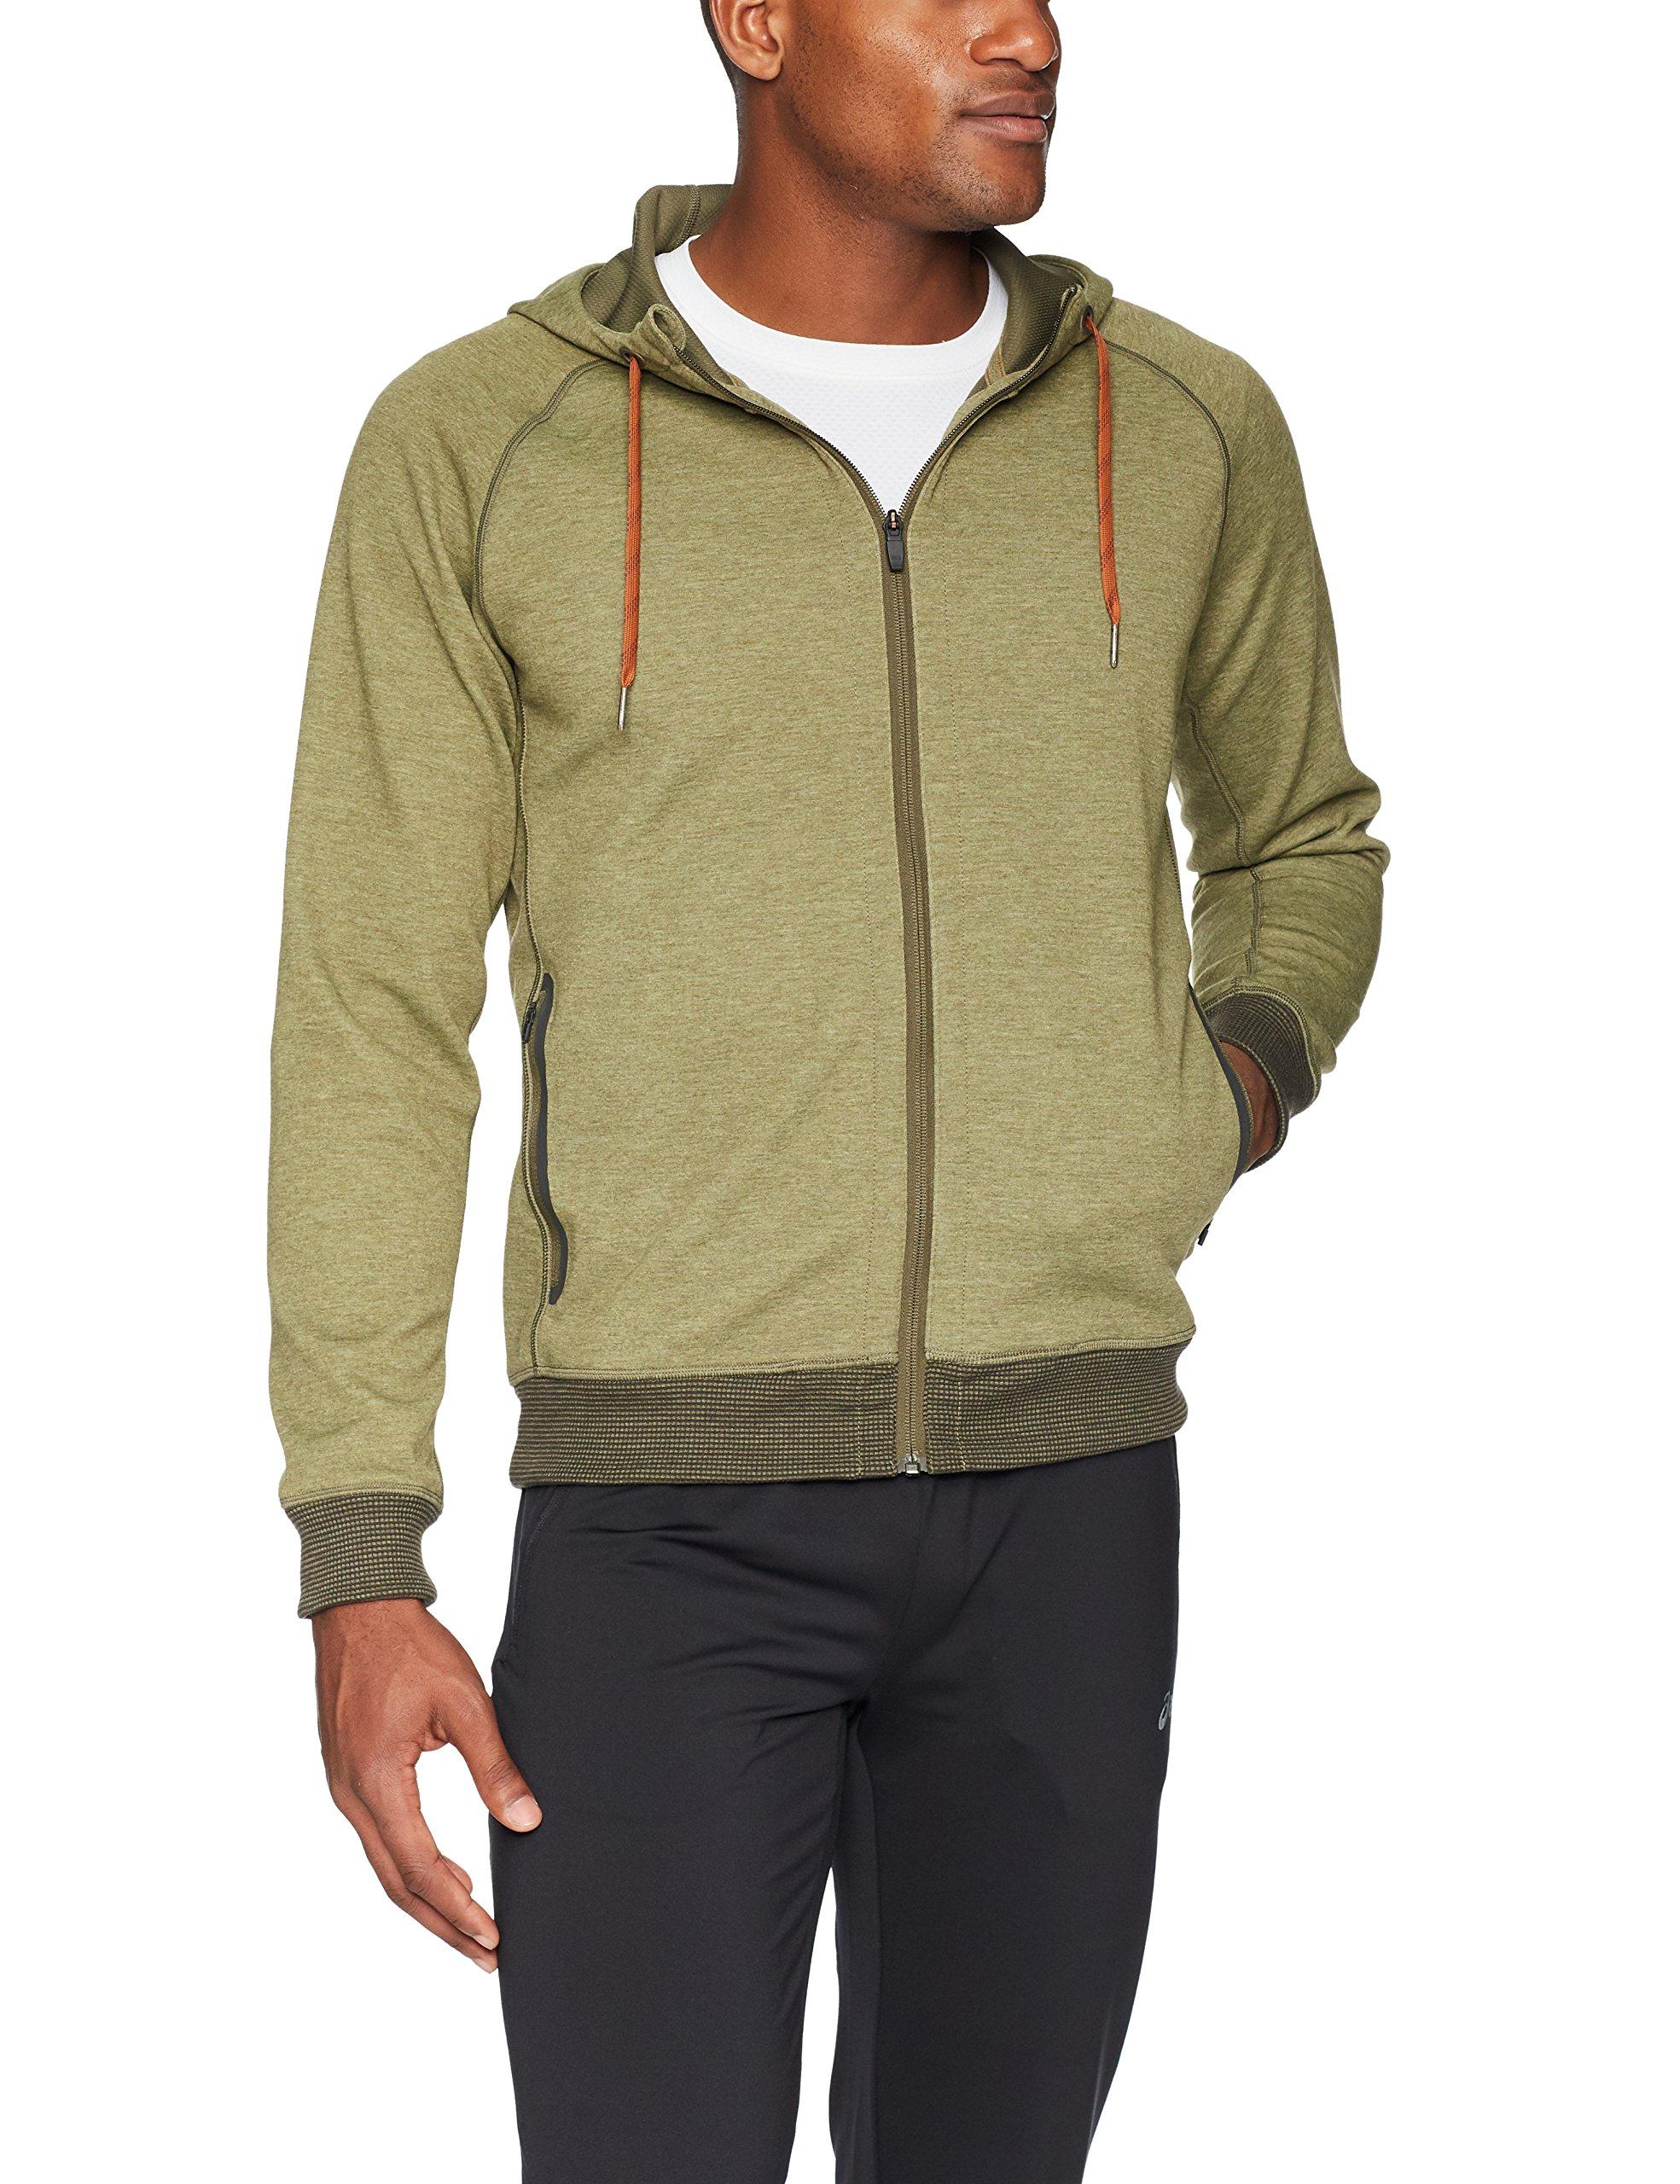 prAna Men's Halgren Tech Fleece Full Zip Hacket, XX-Large, Cargo Green Heather by prAna